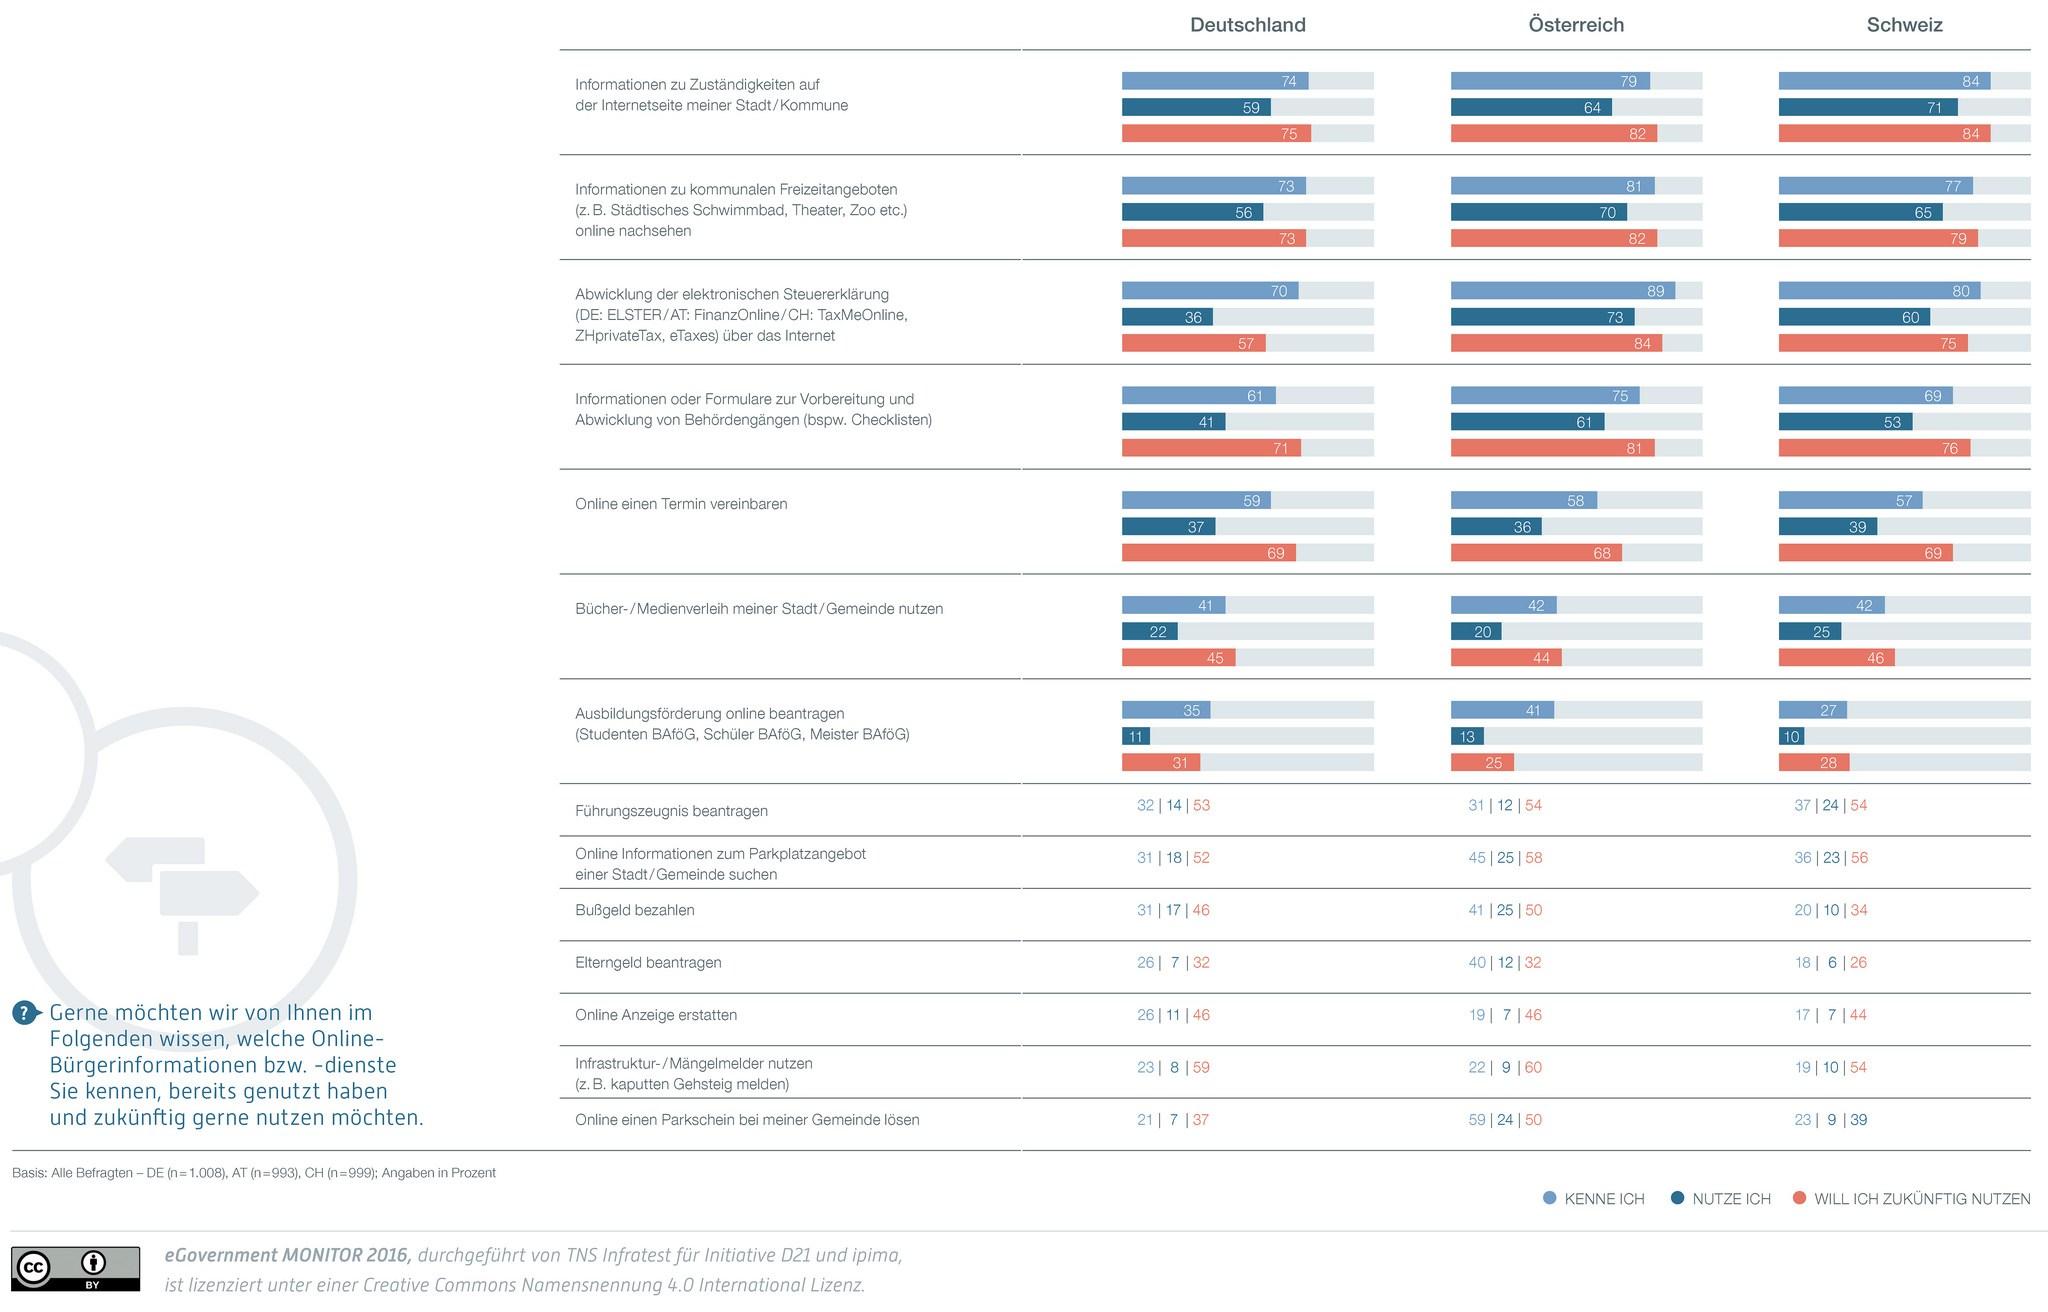 grafik-tns-initiative-d21-e-government-info-dienste-kennen-nutzen